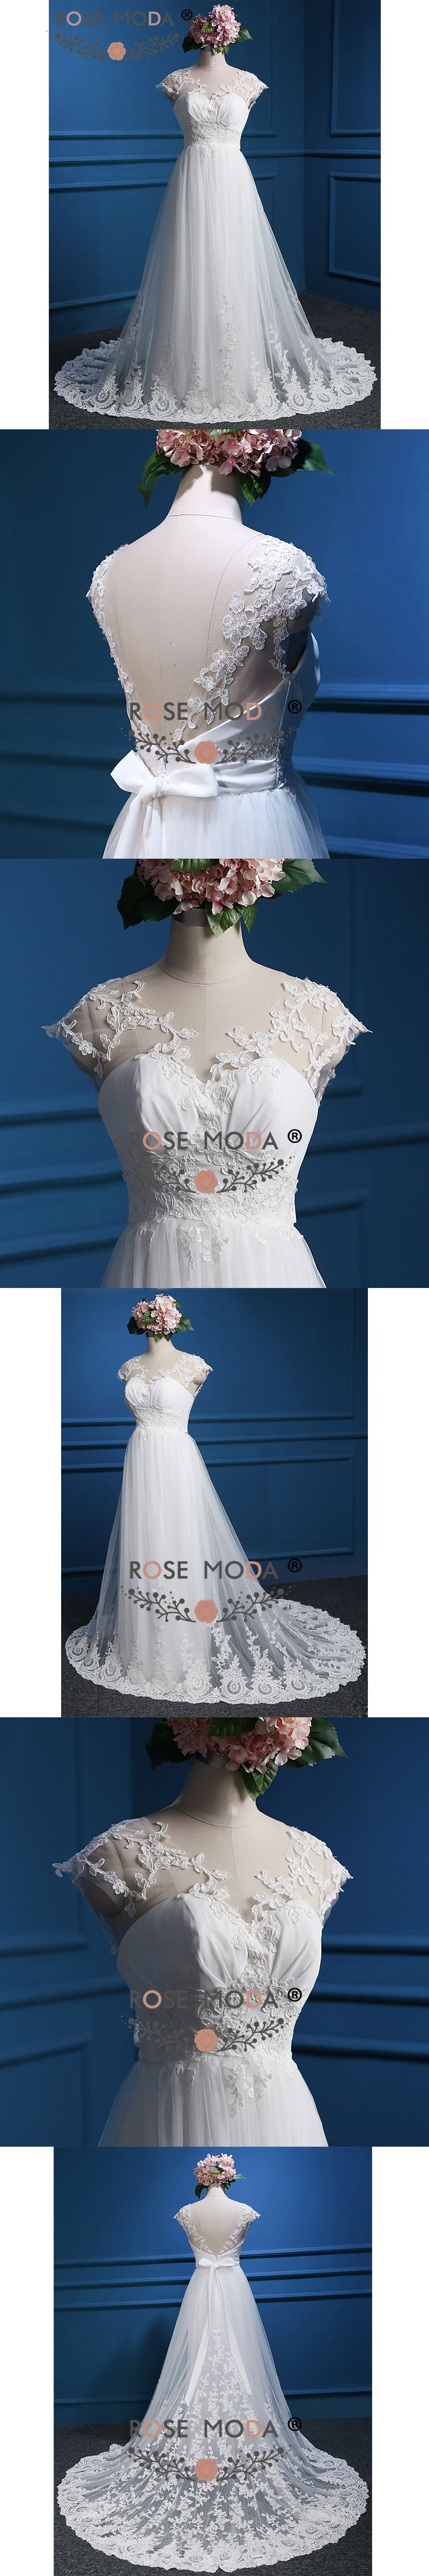 Rose moda lace wedding dress cap sleeves low v back boho wedding